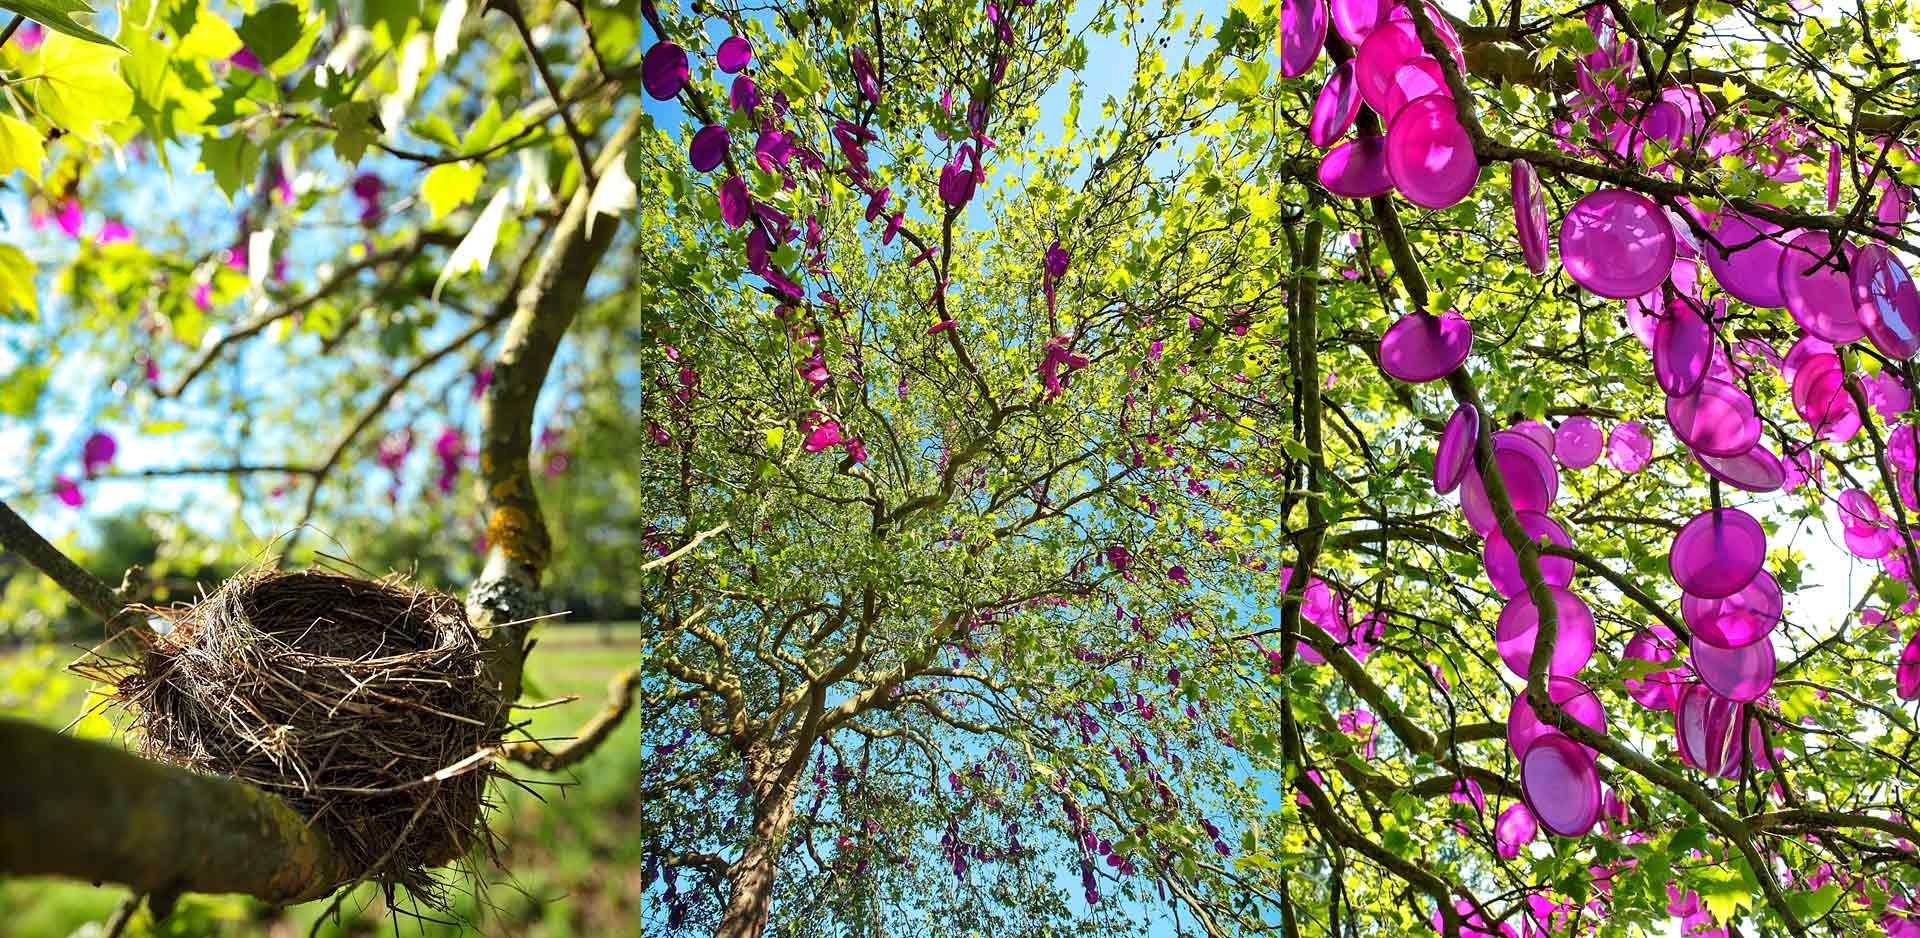 julien_cresp_gardens